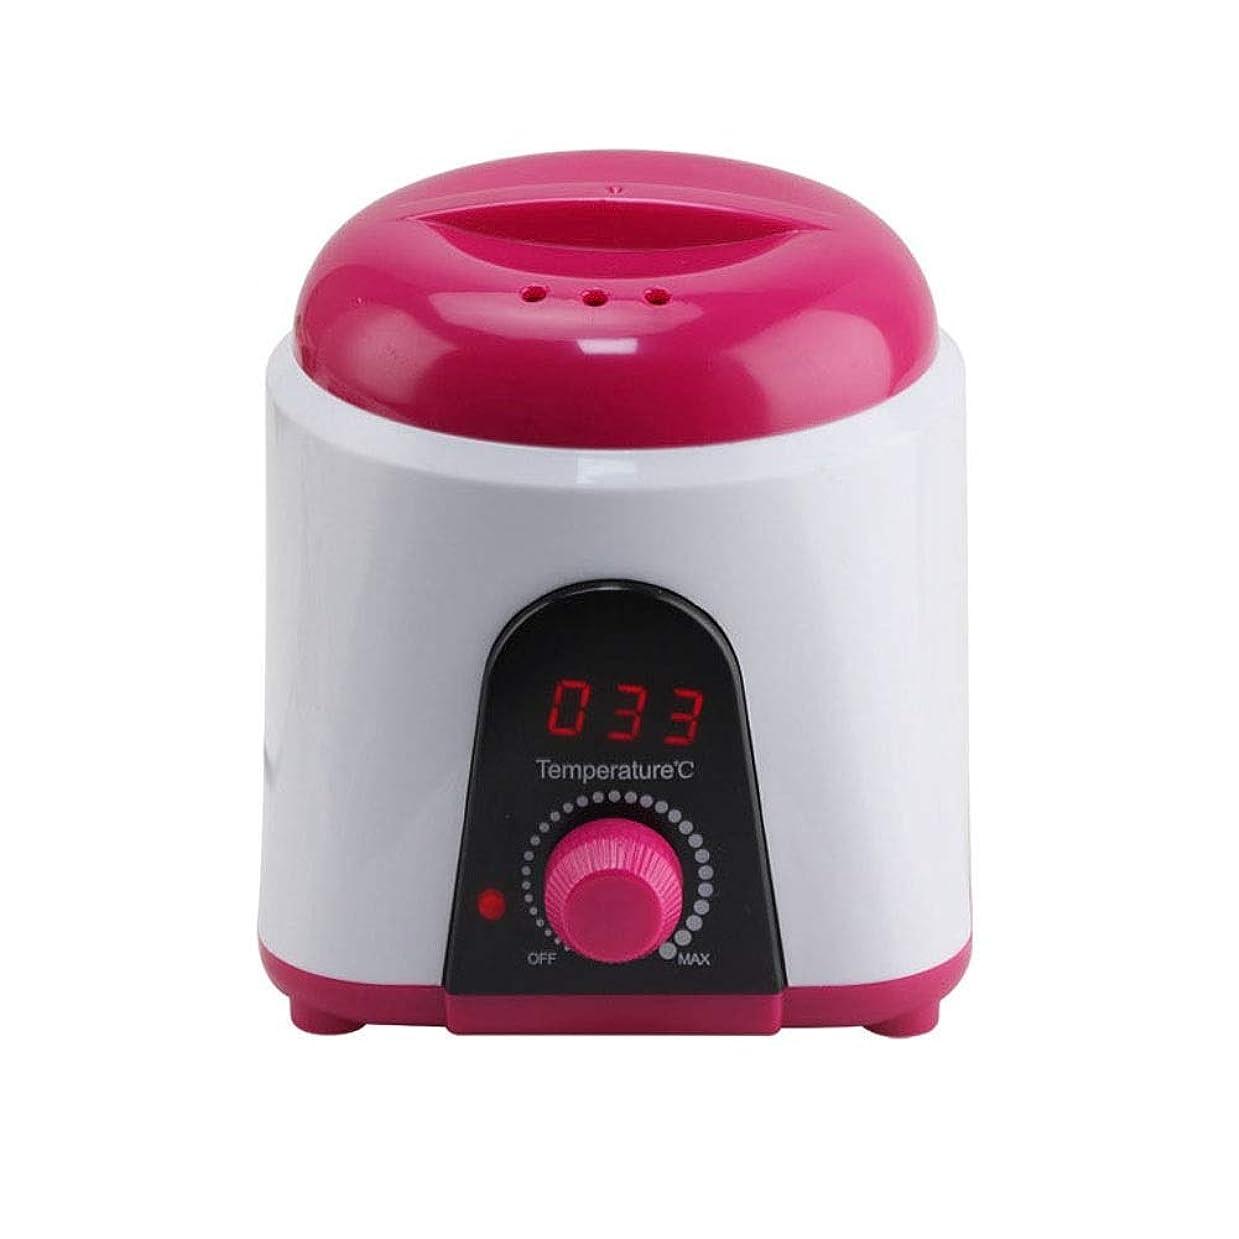 縮れたドリルアーク調節可能な温度のワックスマシン、女性および男性500CCのための多機能の家のワックスが付いている毛の取り外しのための専門の電気ワックスのウォーマーのヒーターのメルター